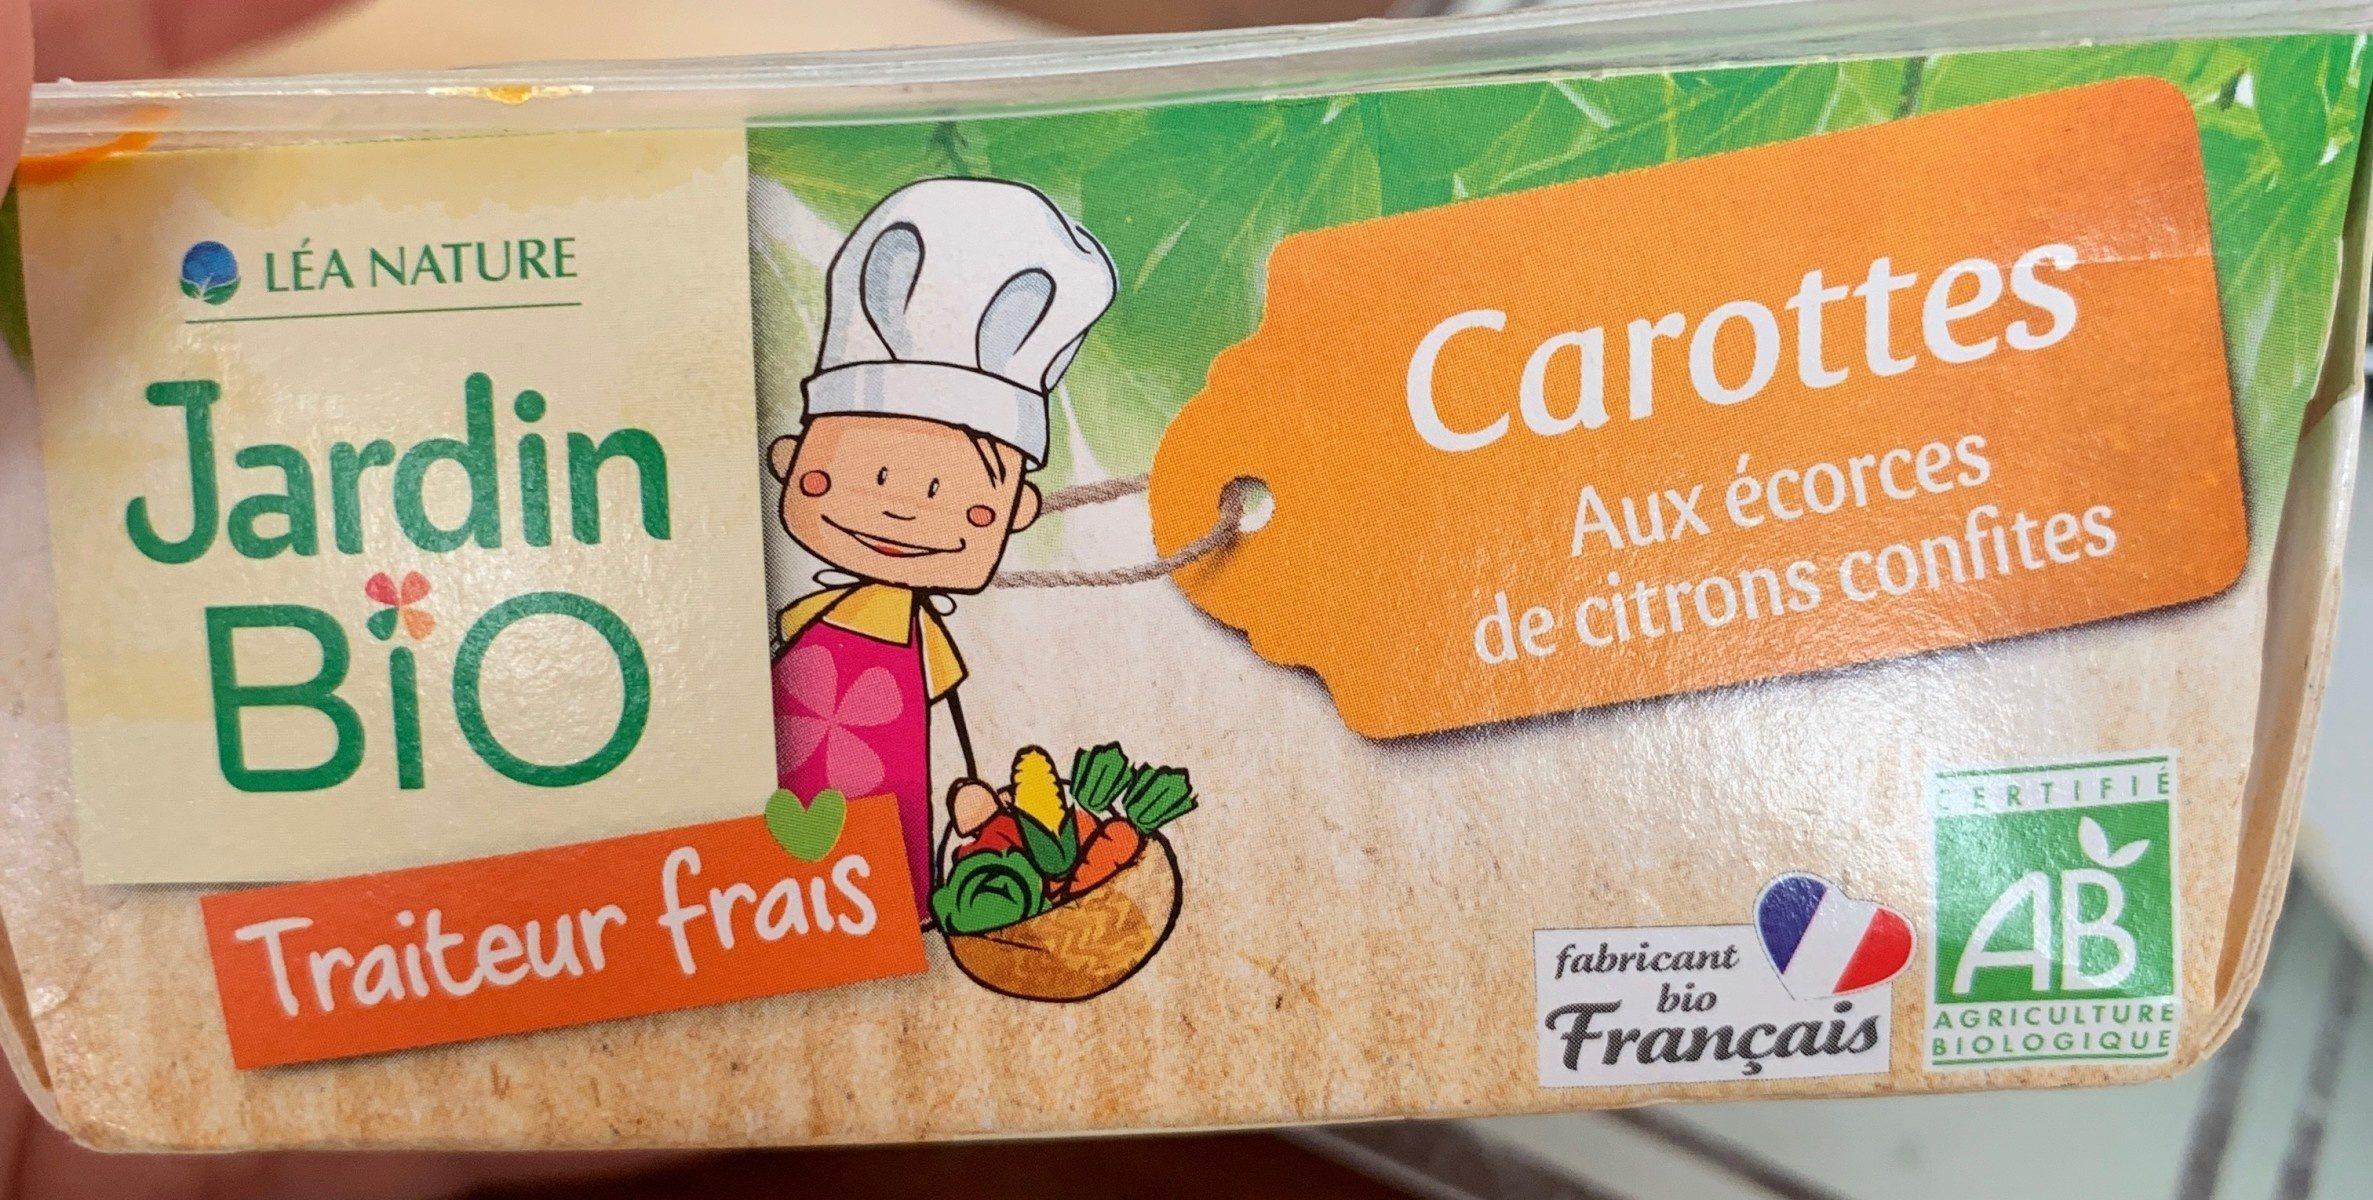 Carottes Aux Ecorces De Citrons Confites - Jardin Bio ... encequiconcerne Ecorces Jardin